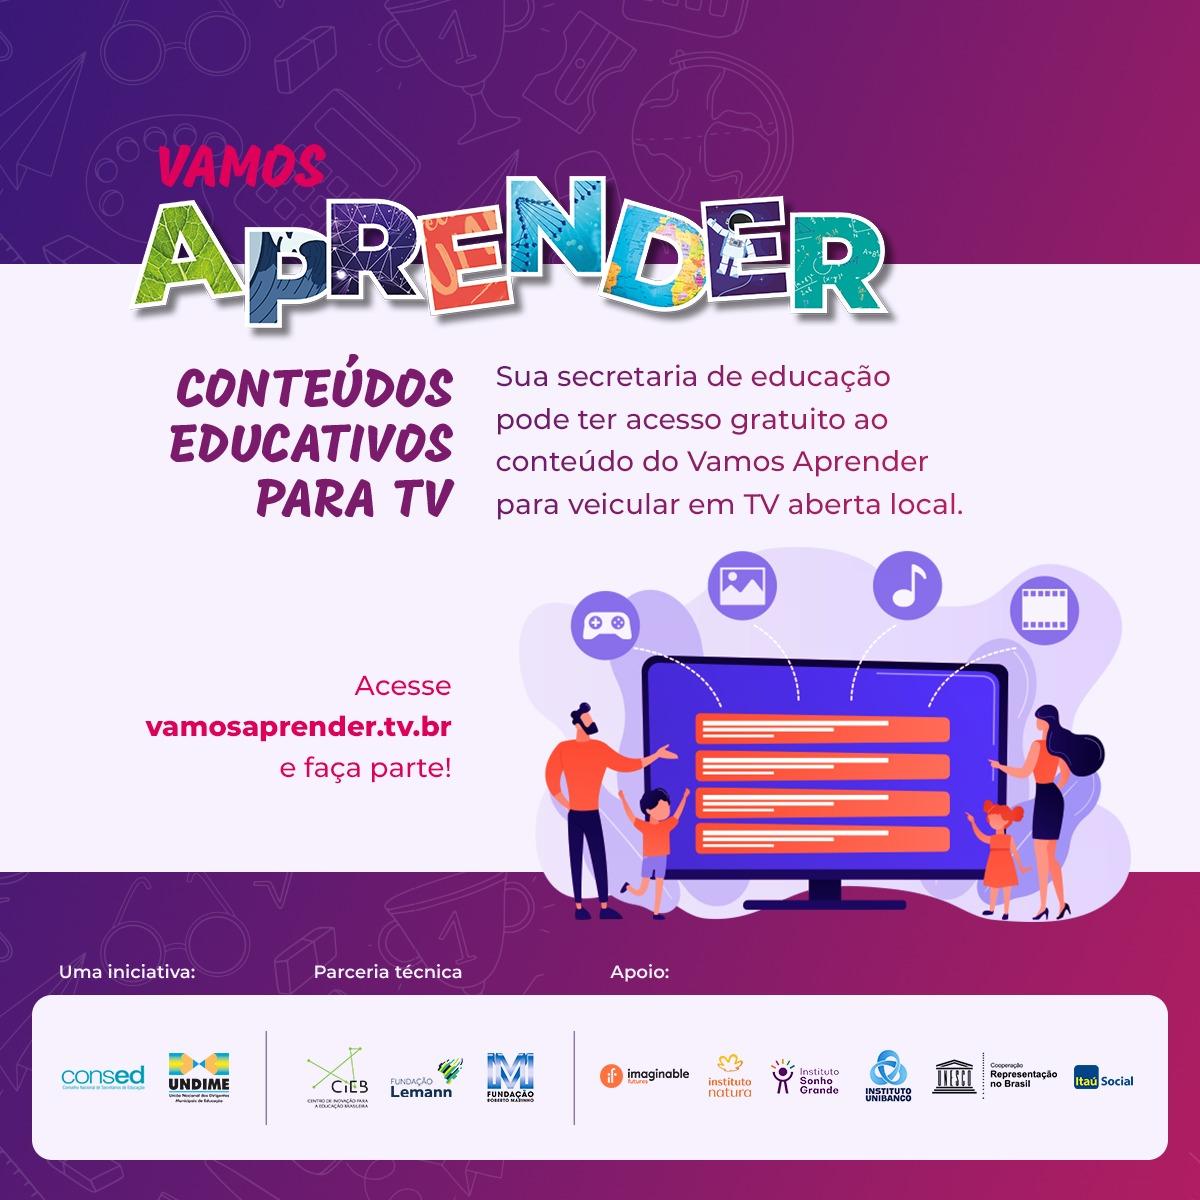 Projeto Vamos Aprender está disponível gratuitamente para todas as redes públicas de ensino com programas educativos via televisão, plataforma ou aplicativo